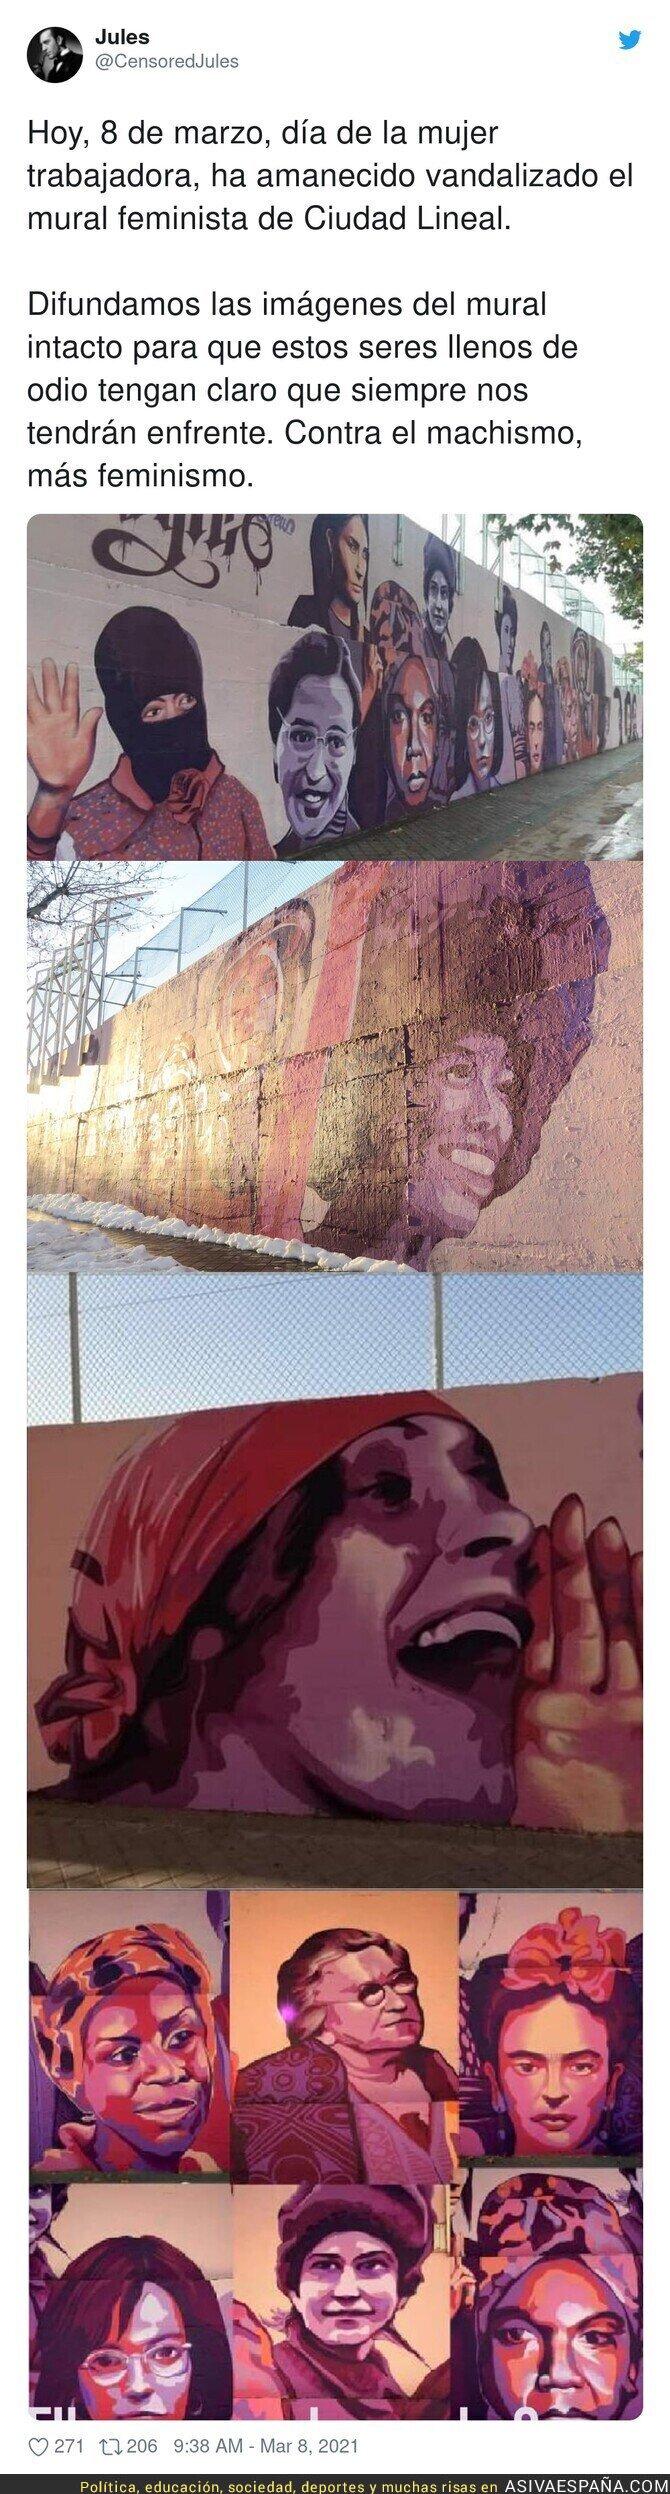 635043 - El mural que la ultraderecha no quiere que veas este 8M